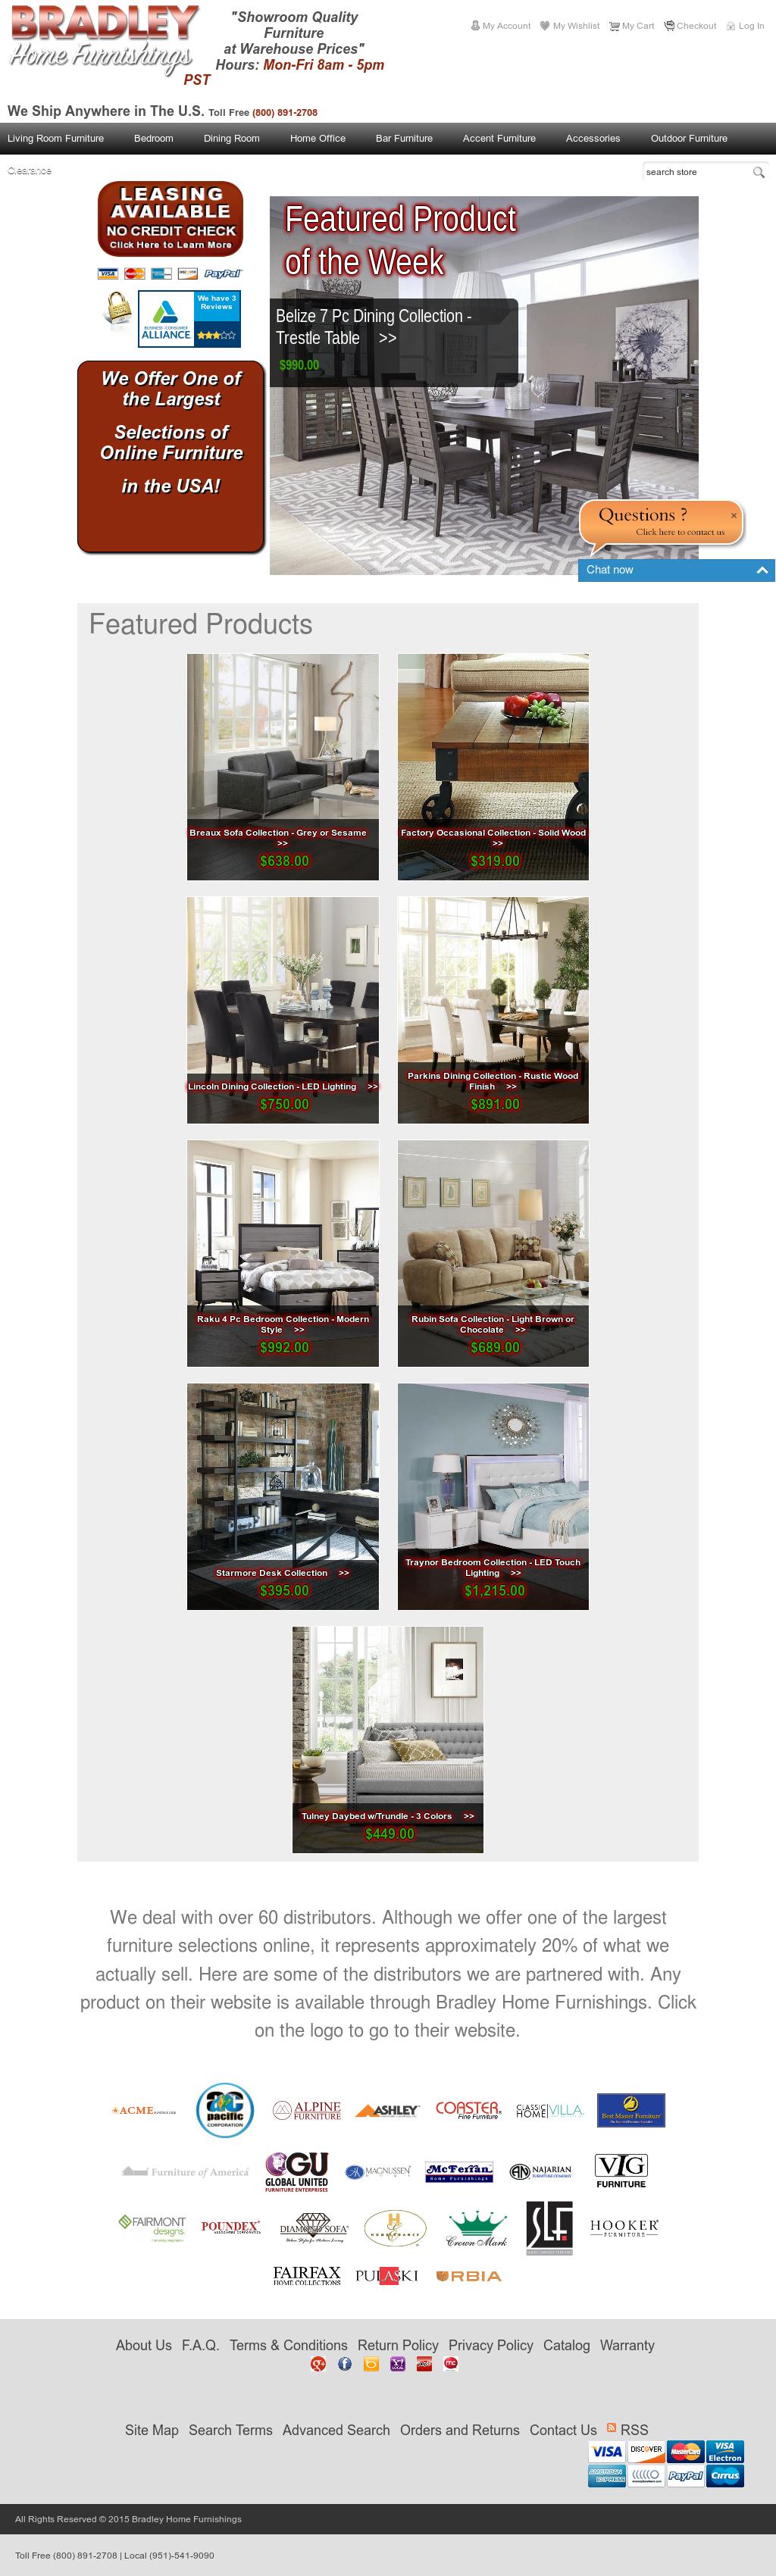 Genial Bradley Home Furniture Website History